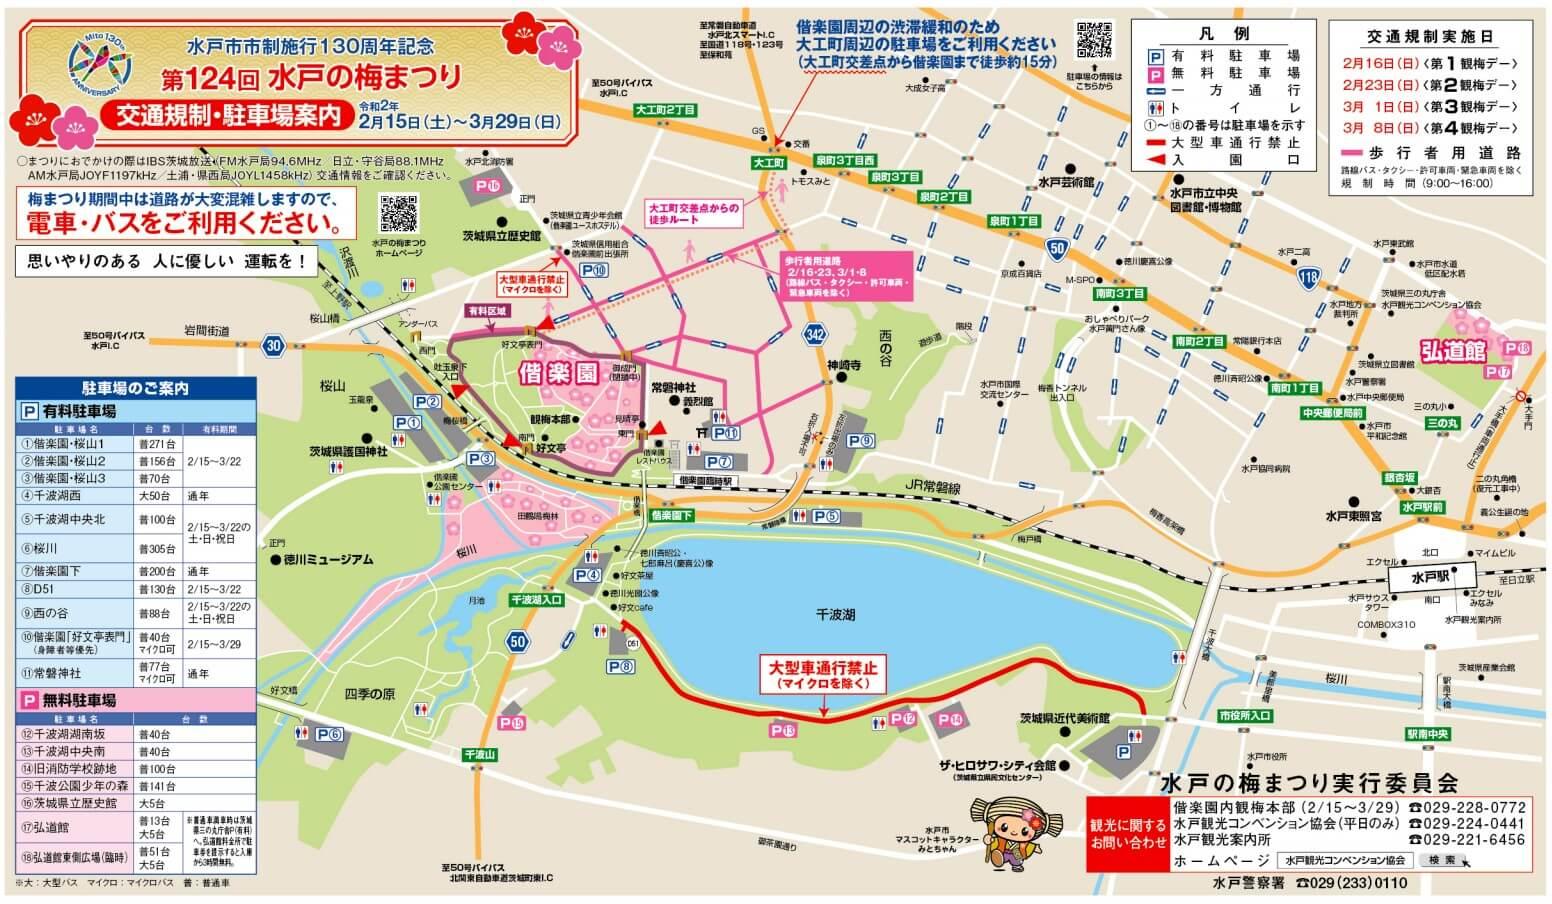 水戸の梅まつり 駐車場 交通規制 地図